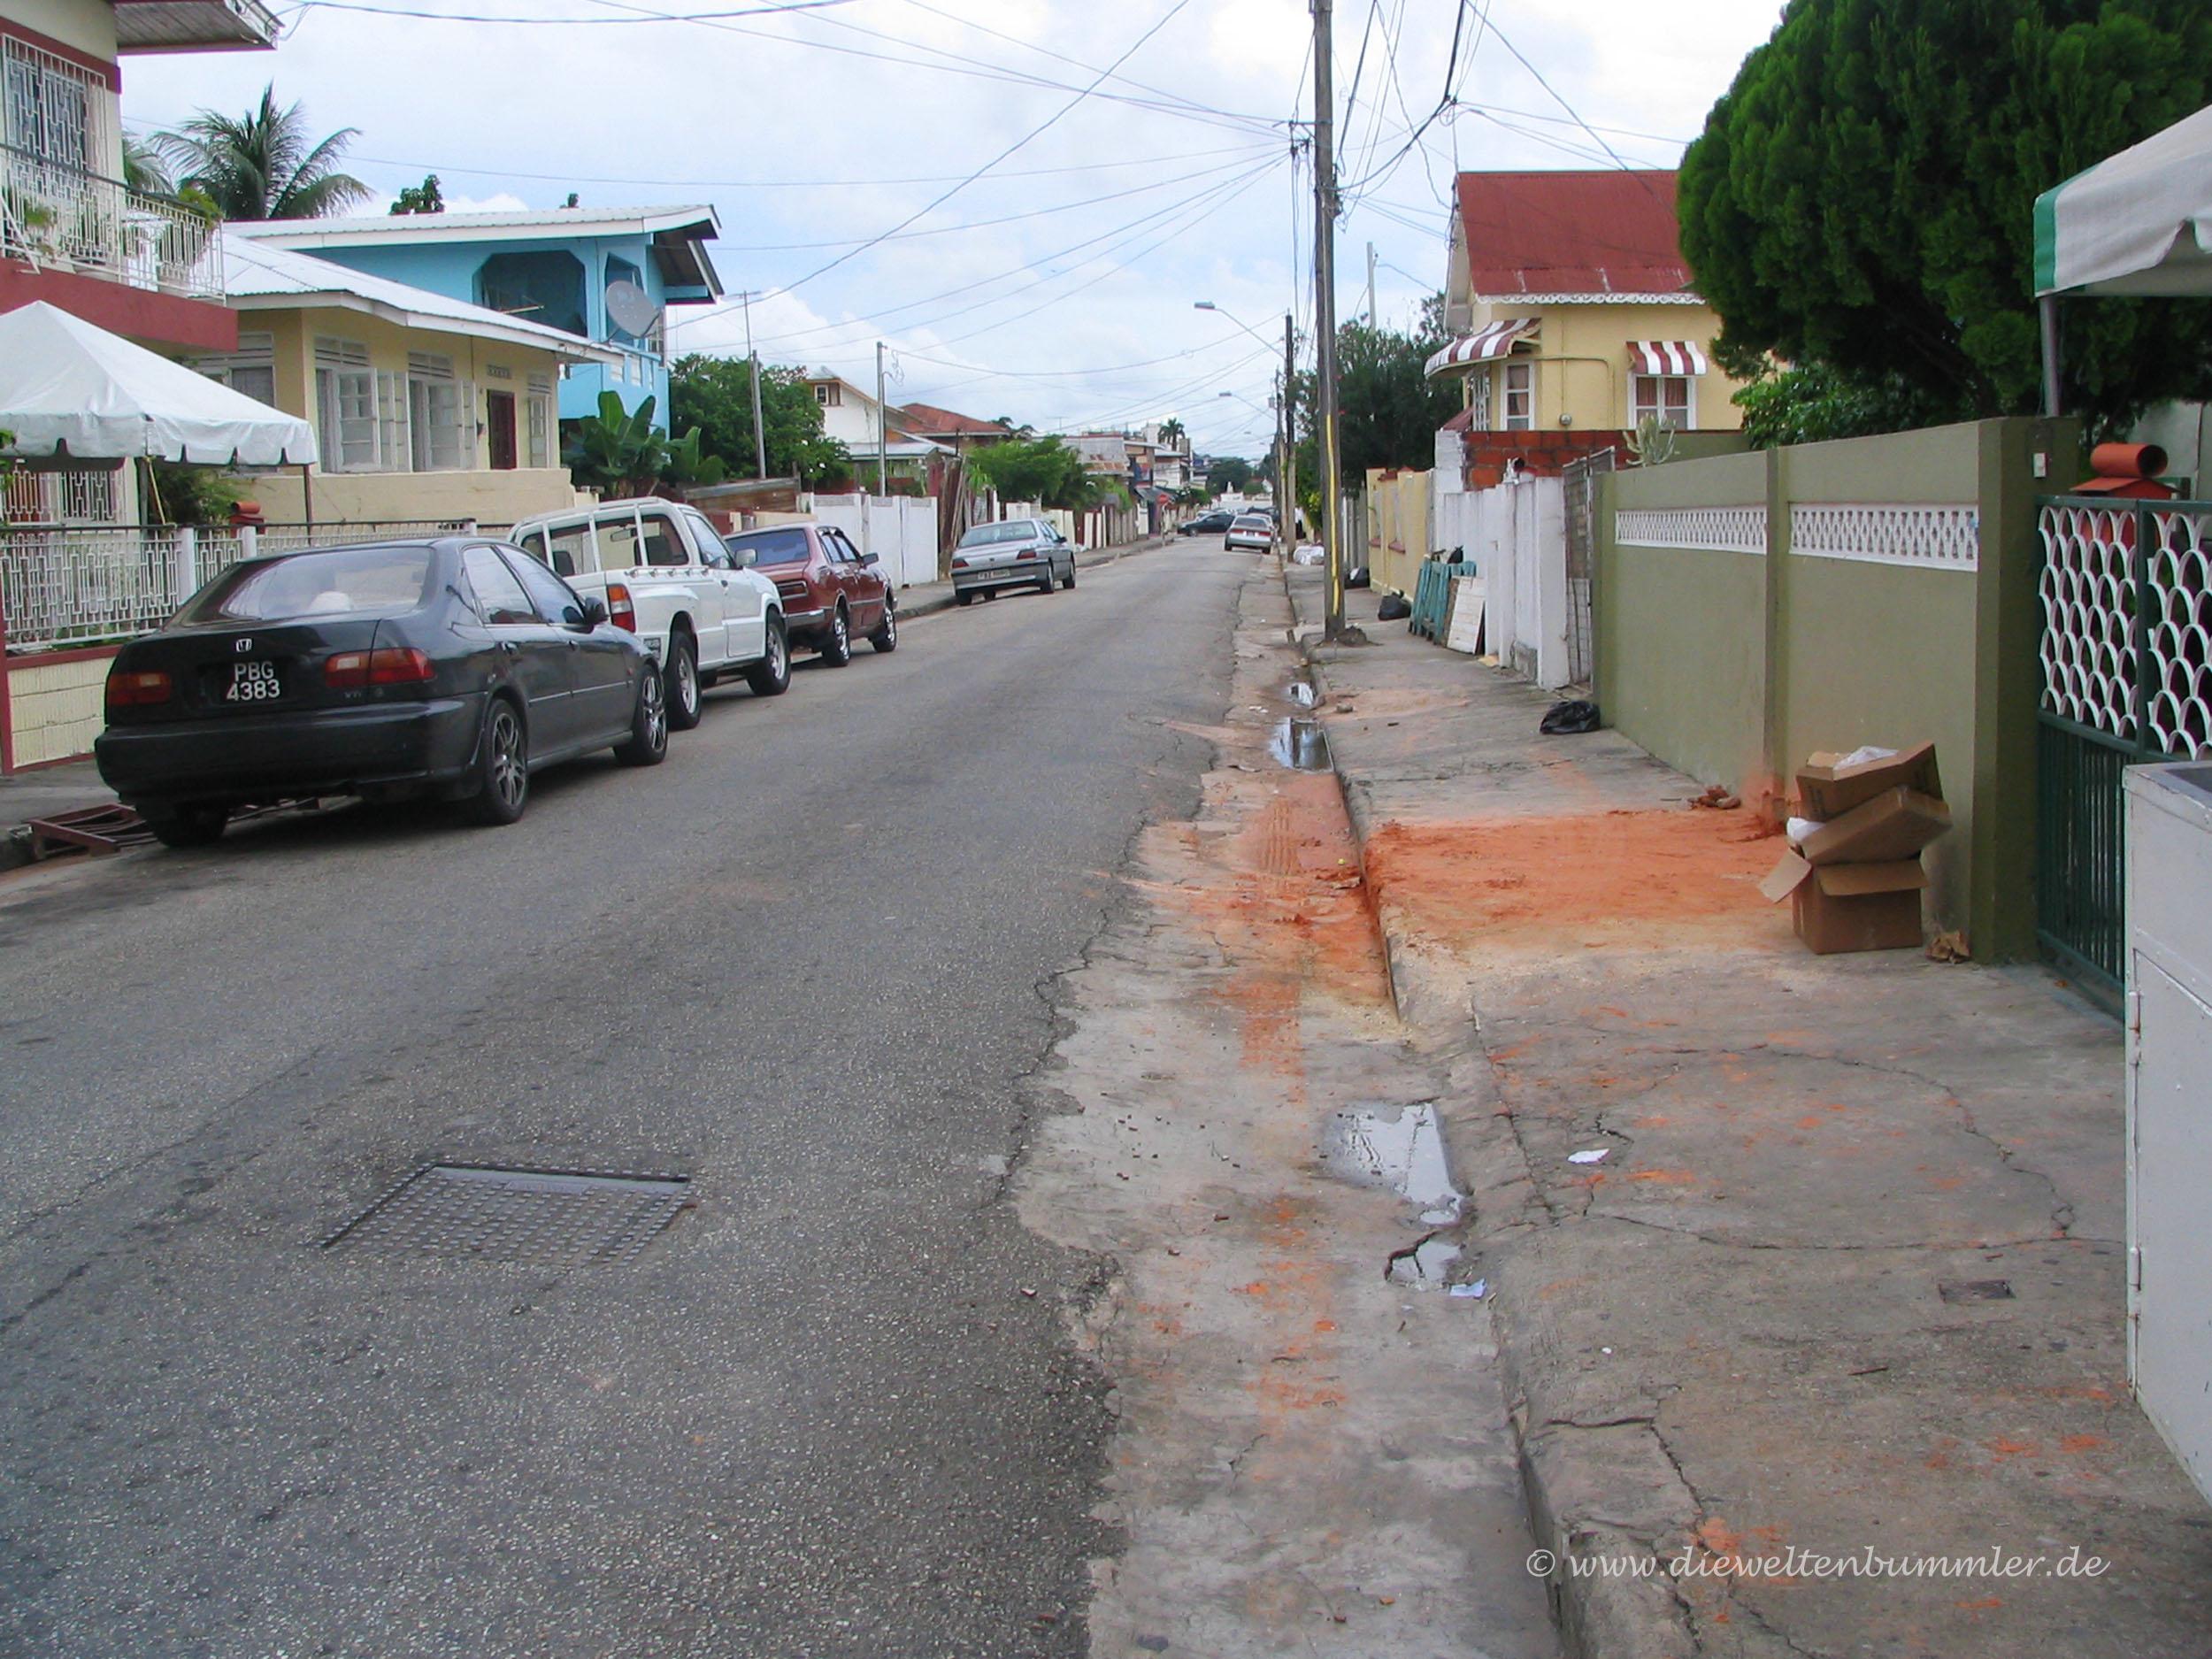 Wohnviertel in Port-of-Spain